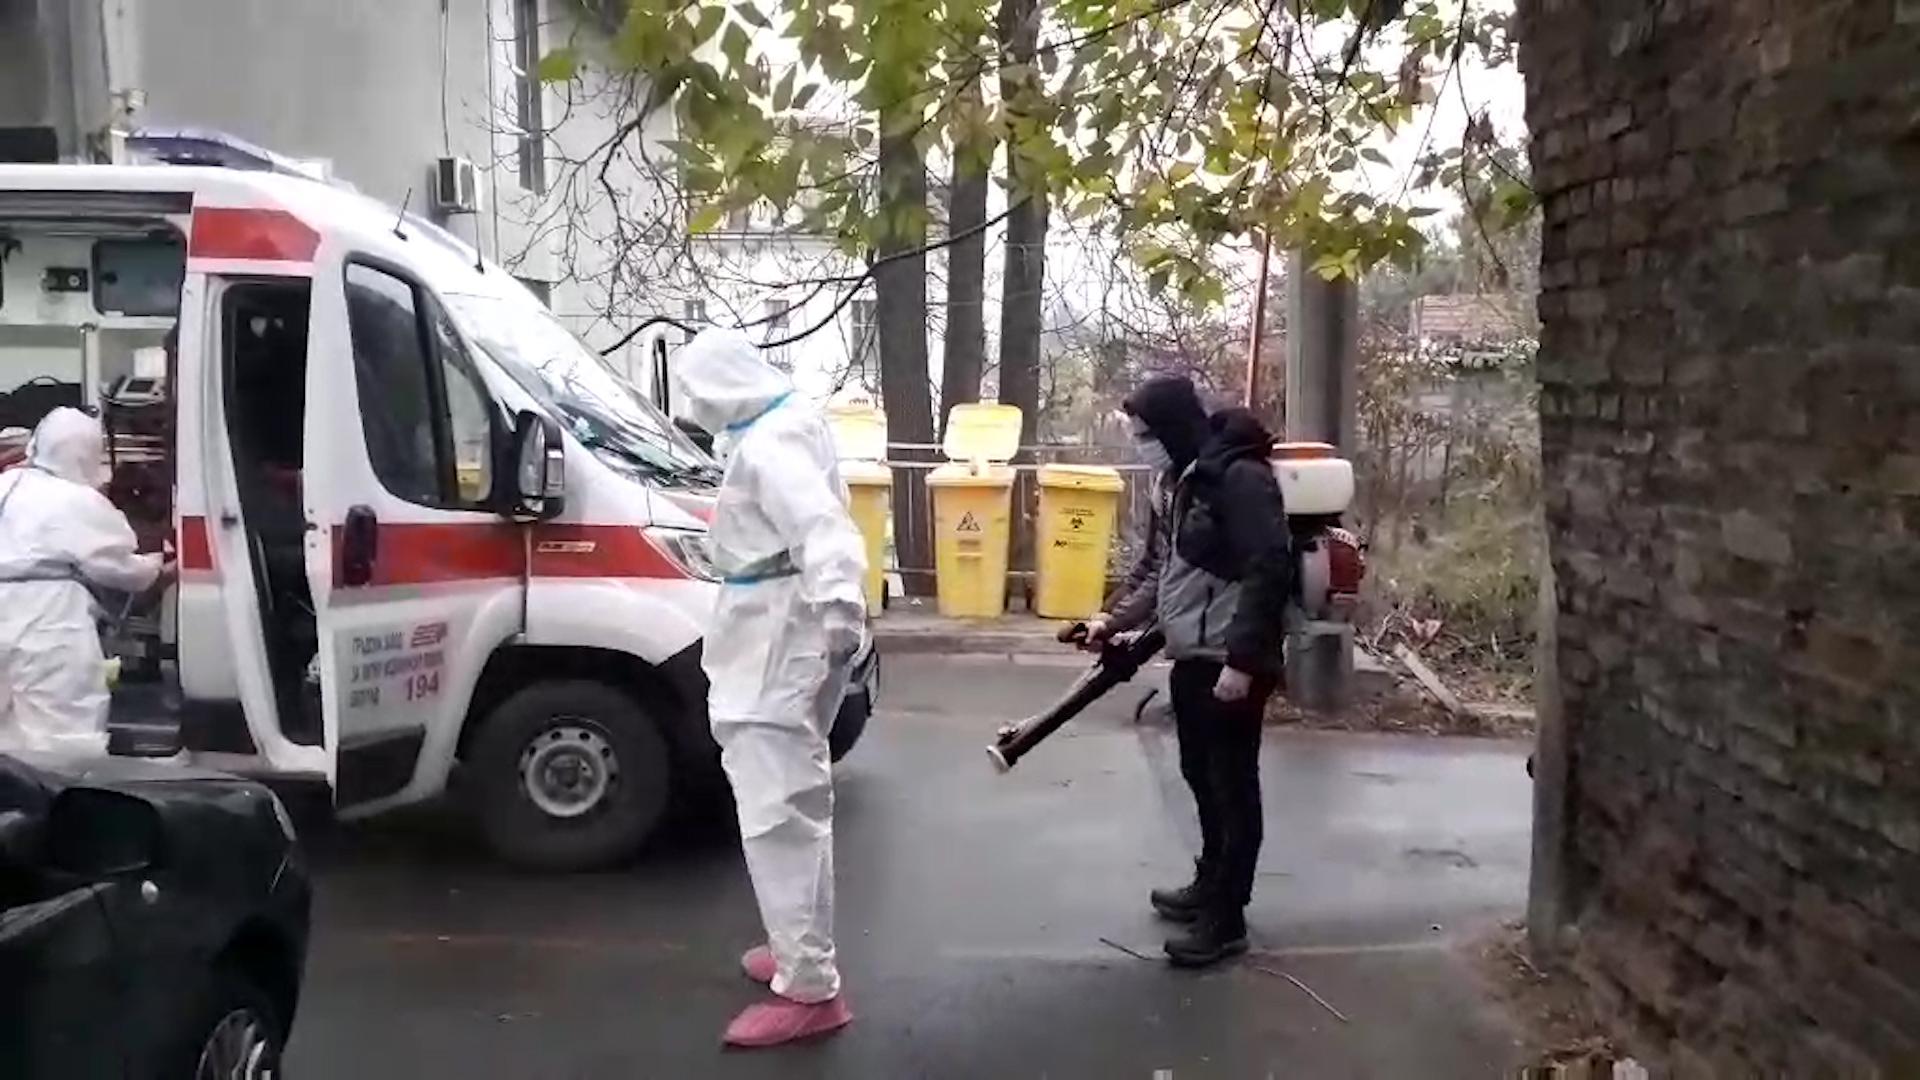 DEZINFEKCIJA ekipe hitne pomoći posle ostavljanja pacijenta na infektivnoj klinici u Beogradu